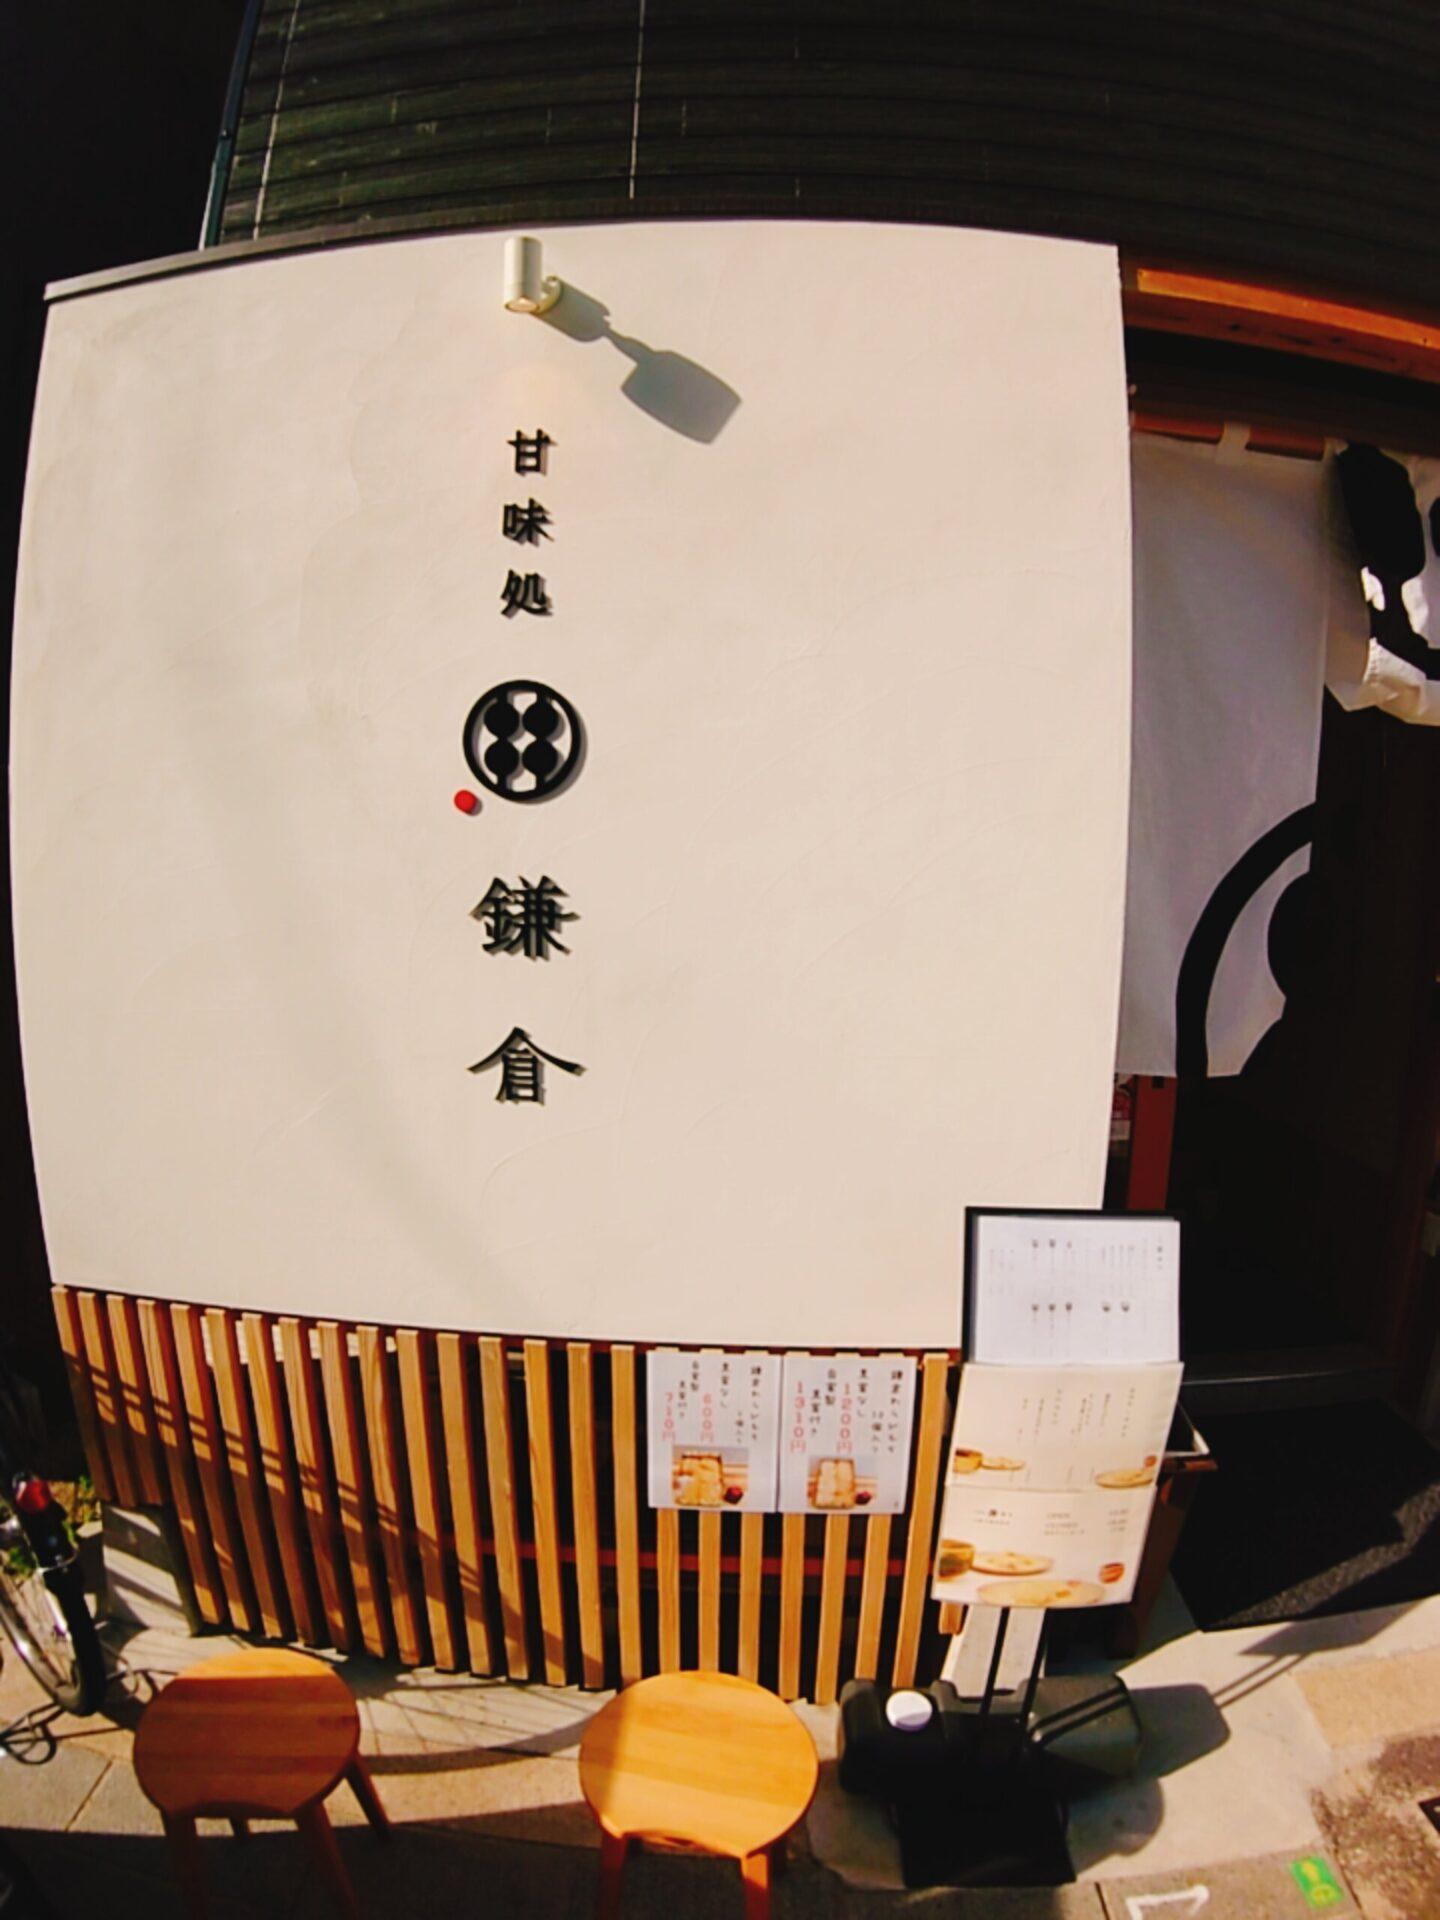 大阪天満宮,天神橋商店街グルメ,天神橋,大阪カフェ,テイクアウト可